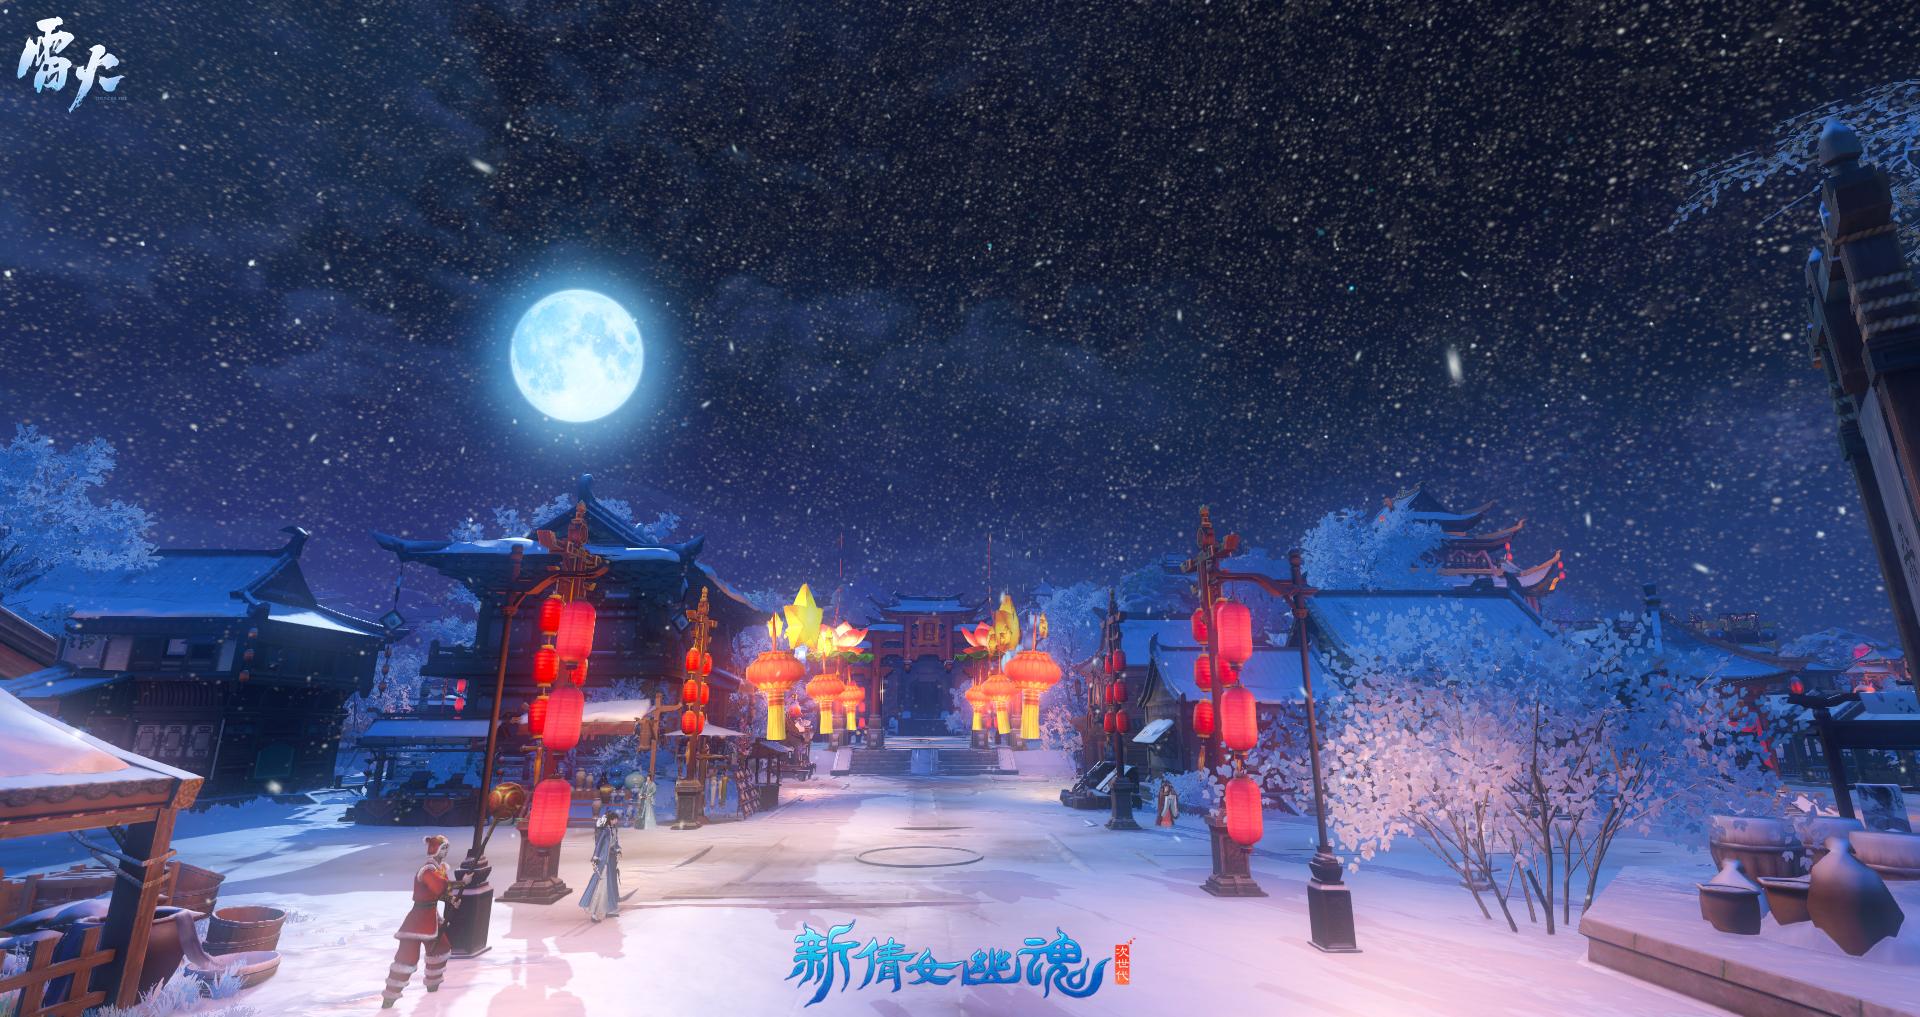 金陵灯市星如雨,风吹雪飘月正圆.jpg